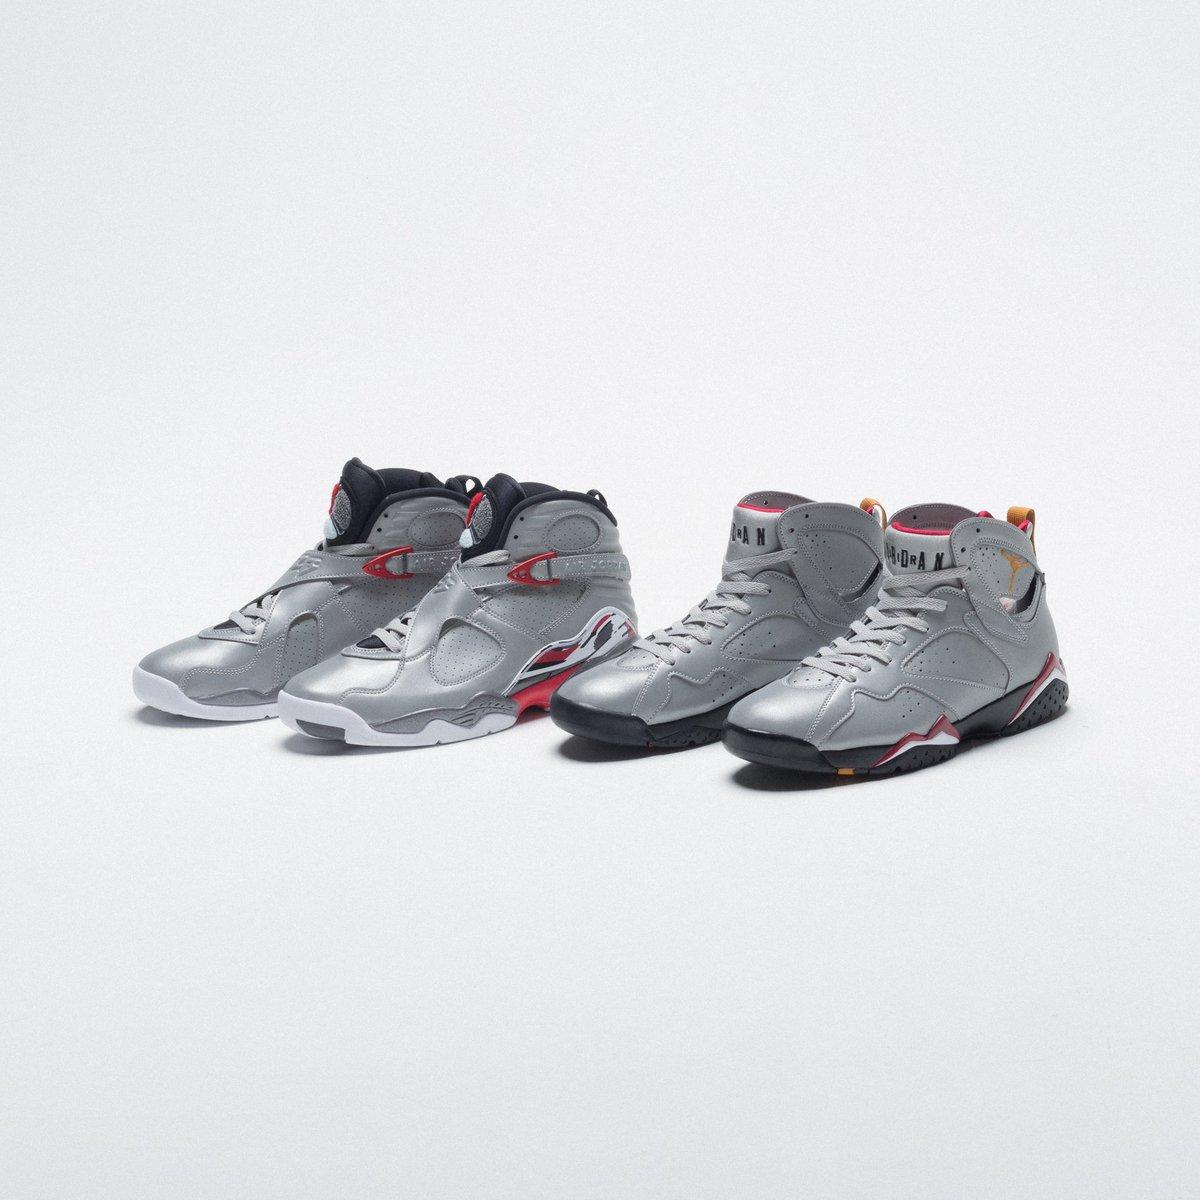 2c0d12f97b Air Jordan 7 and Air Jordan 8